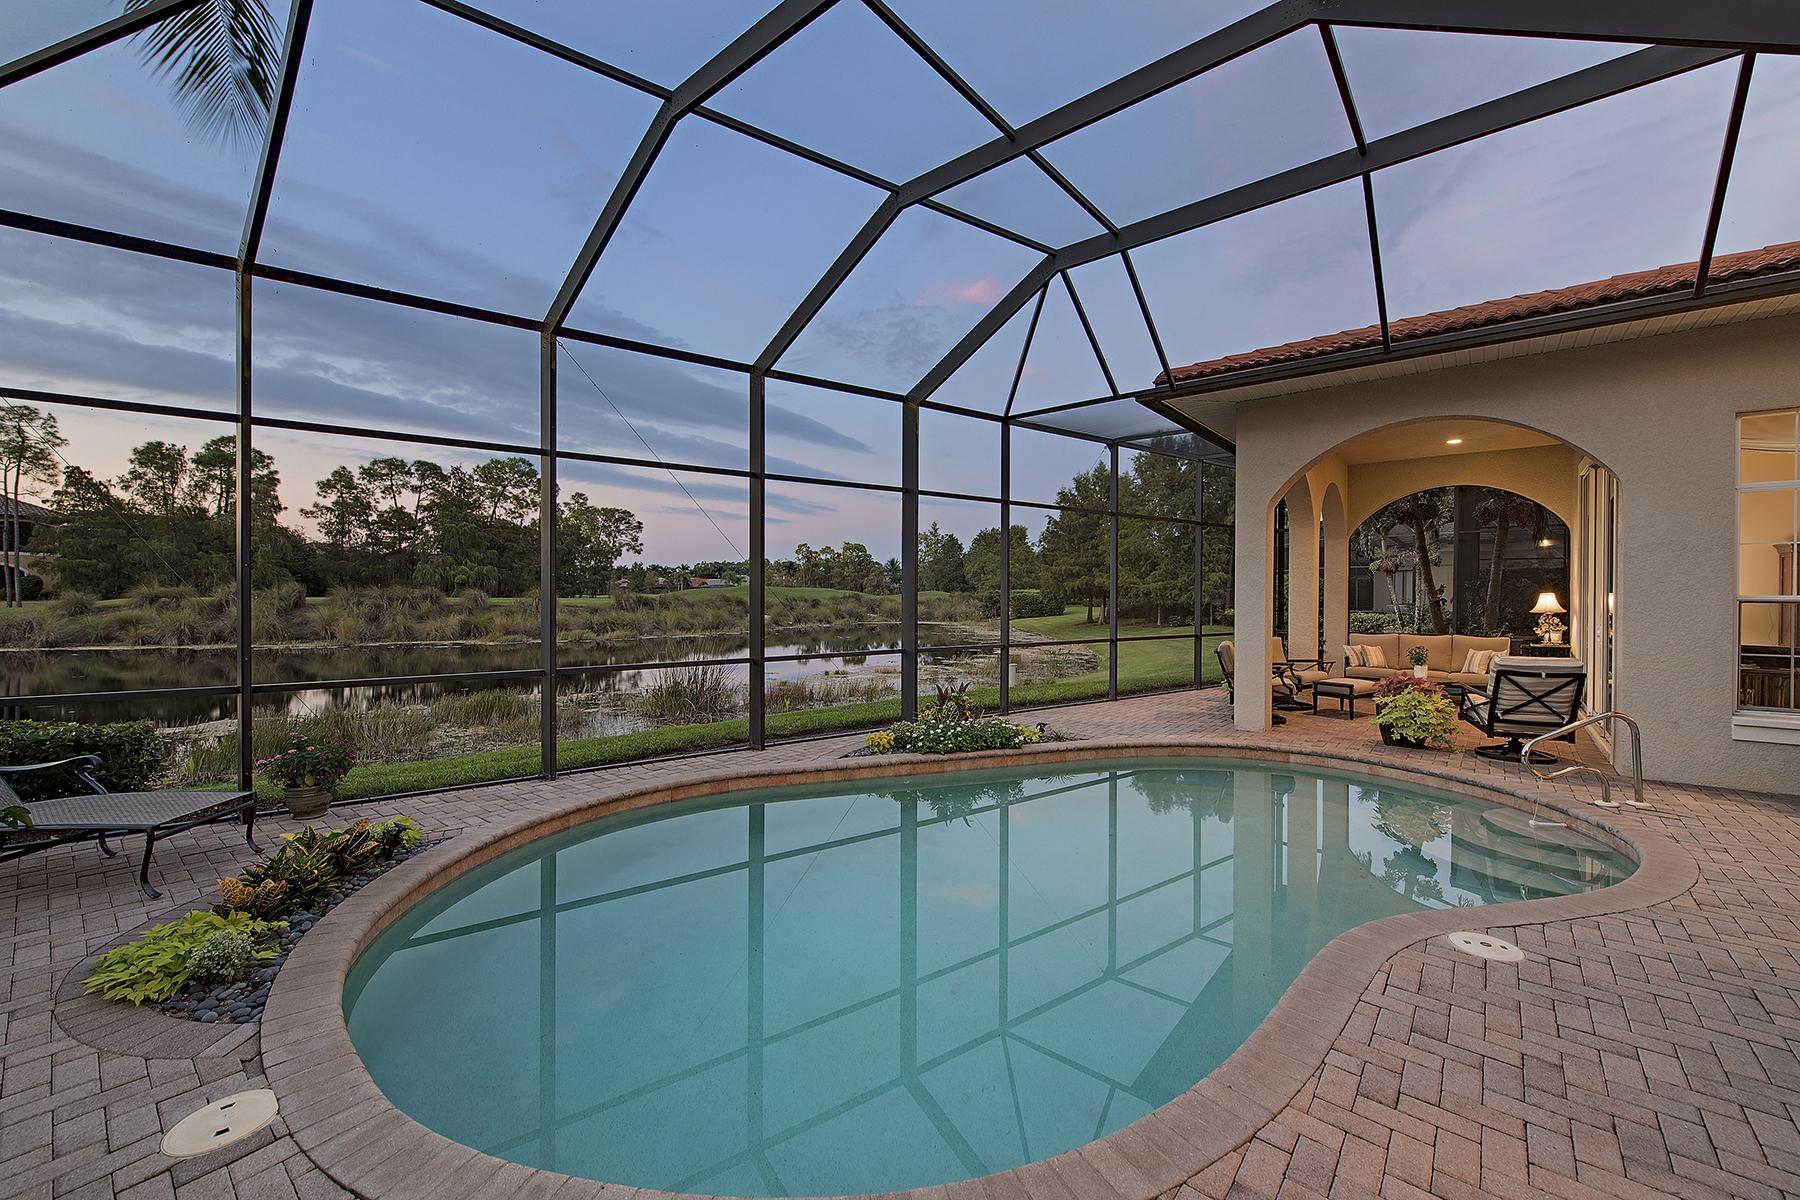 Частный односемейный дом для того Продажа на OLDE CYPRESS - SANTA ROSA 7395 Monteverde Way Naples, Флорида, 34119 Соединенные Штаты